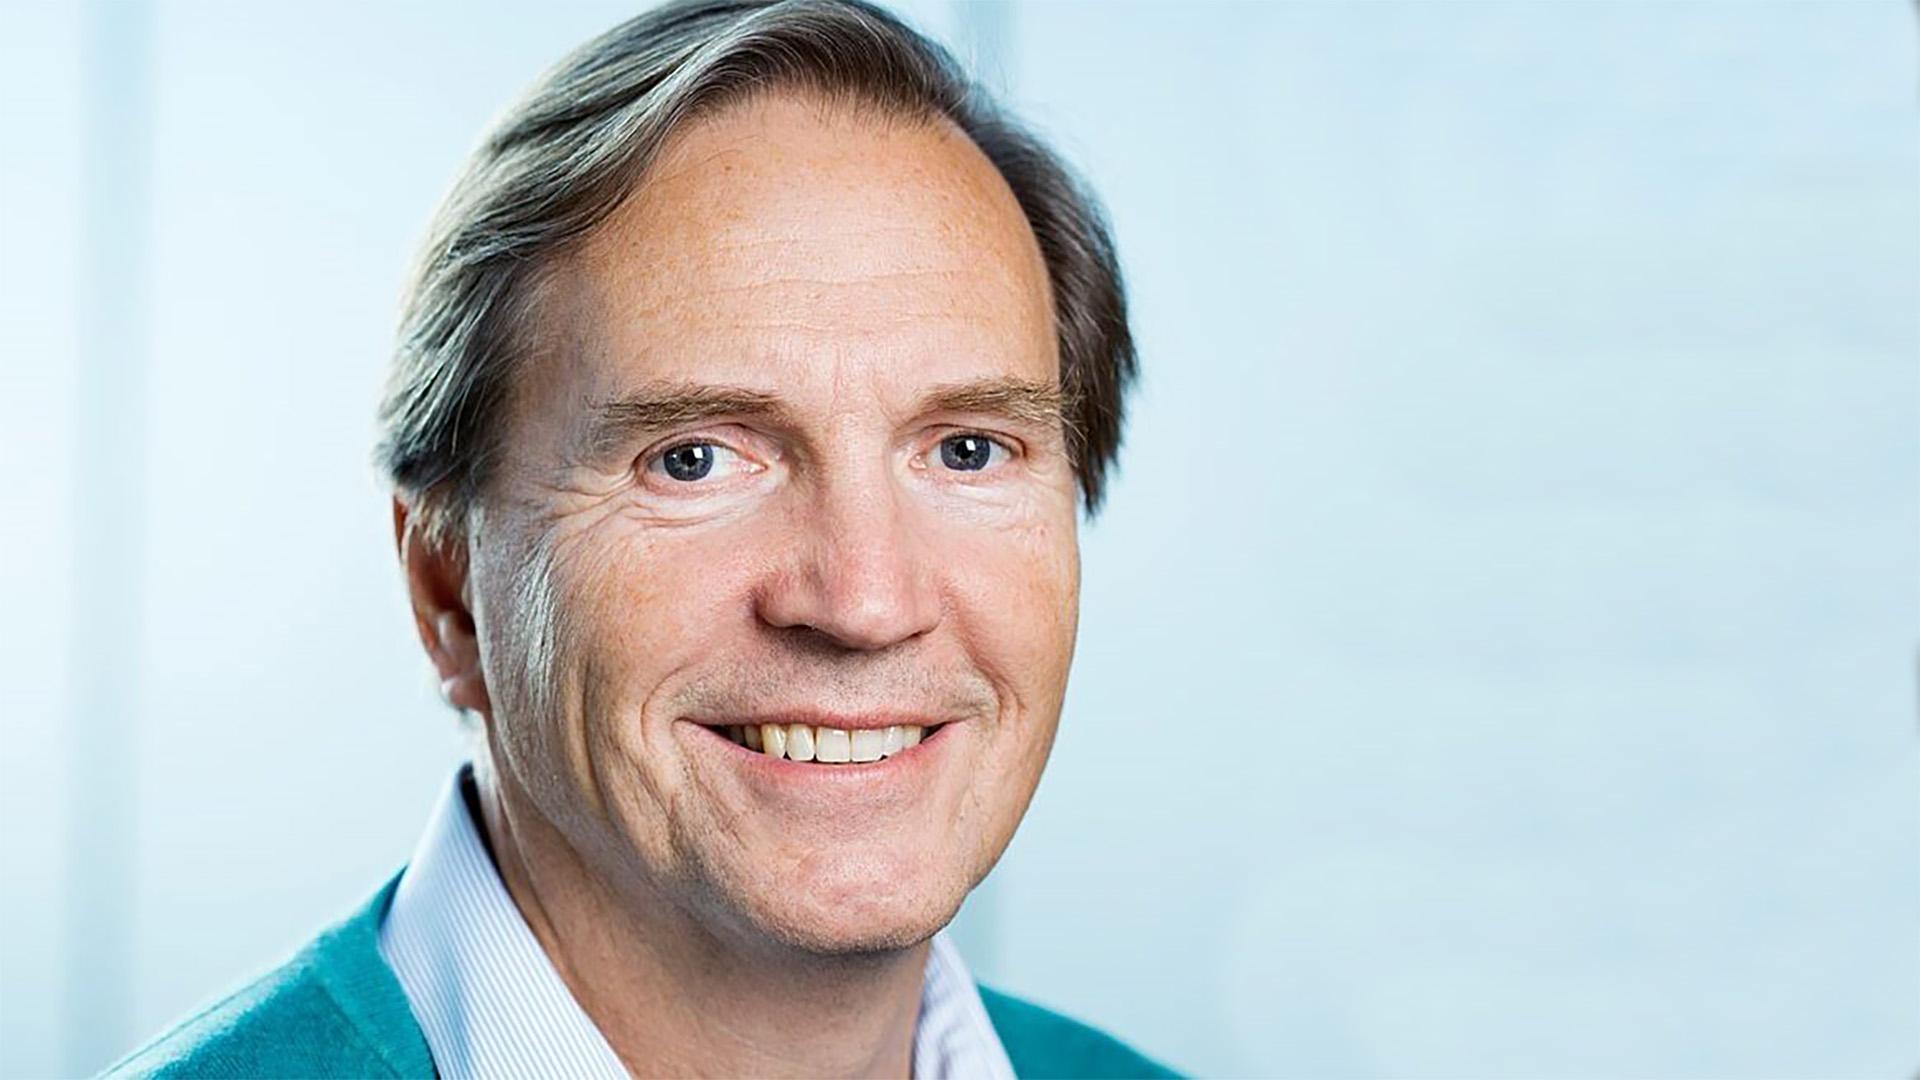 Jörgen Eklund